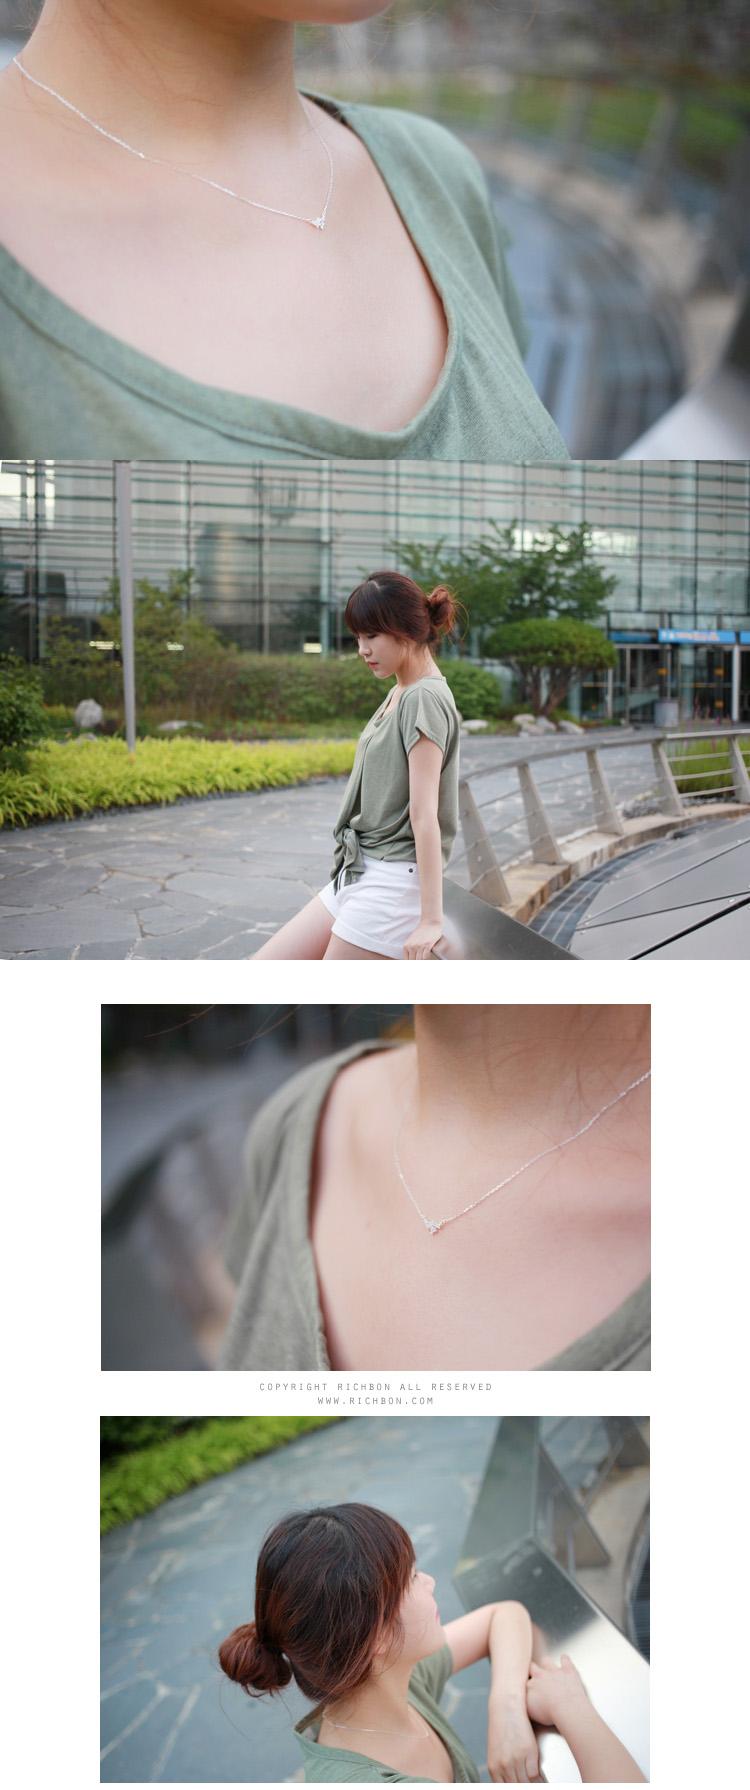 30678韩国饰品,批发,进口韩国饰品批发代理代销,韩国可爱饰...